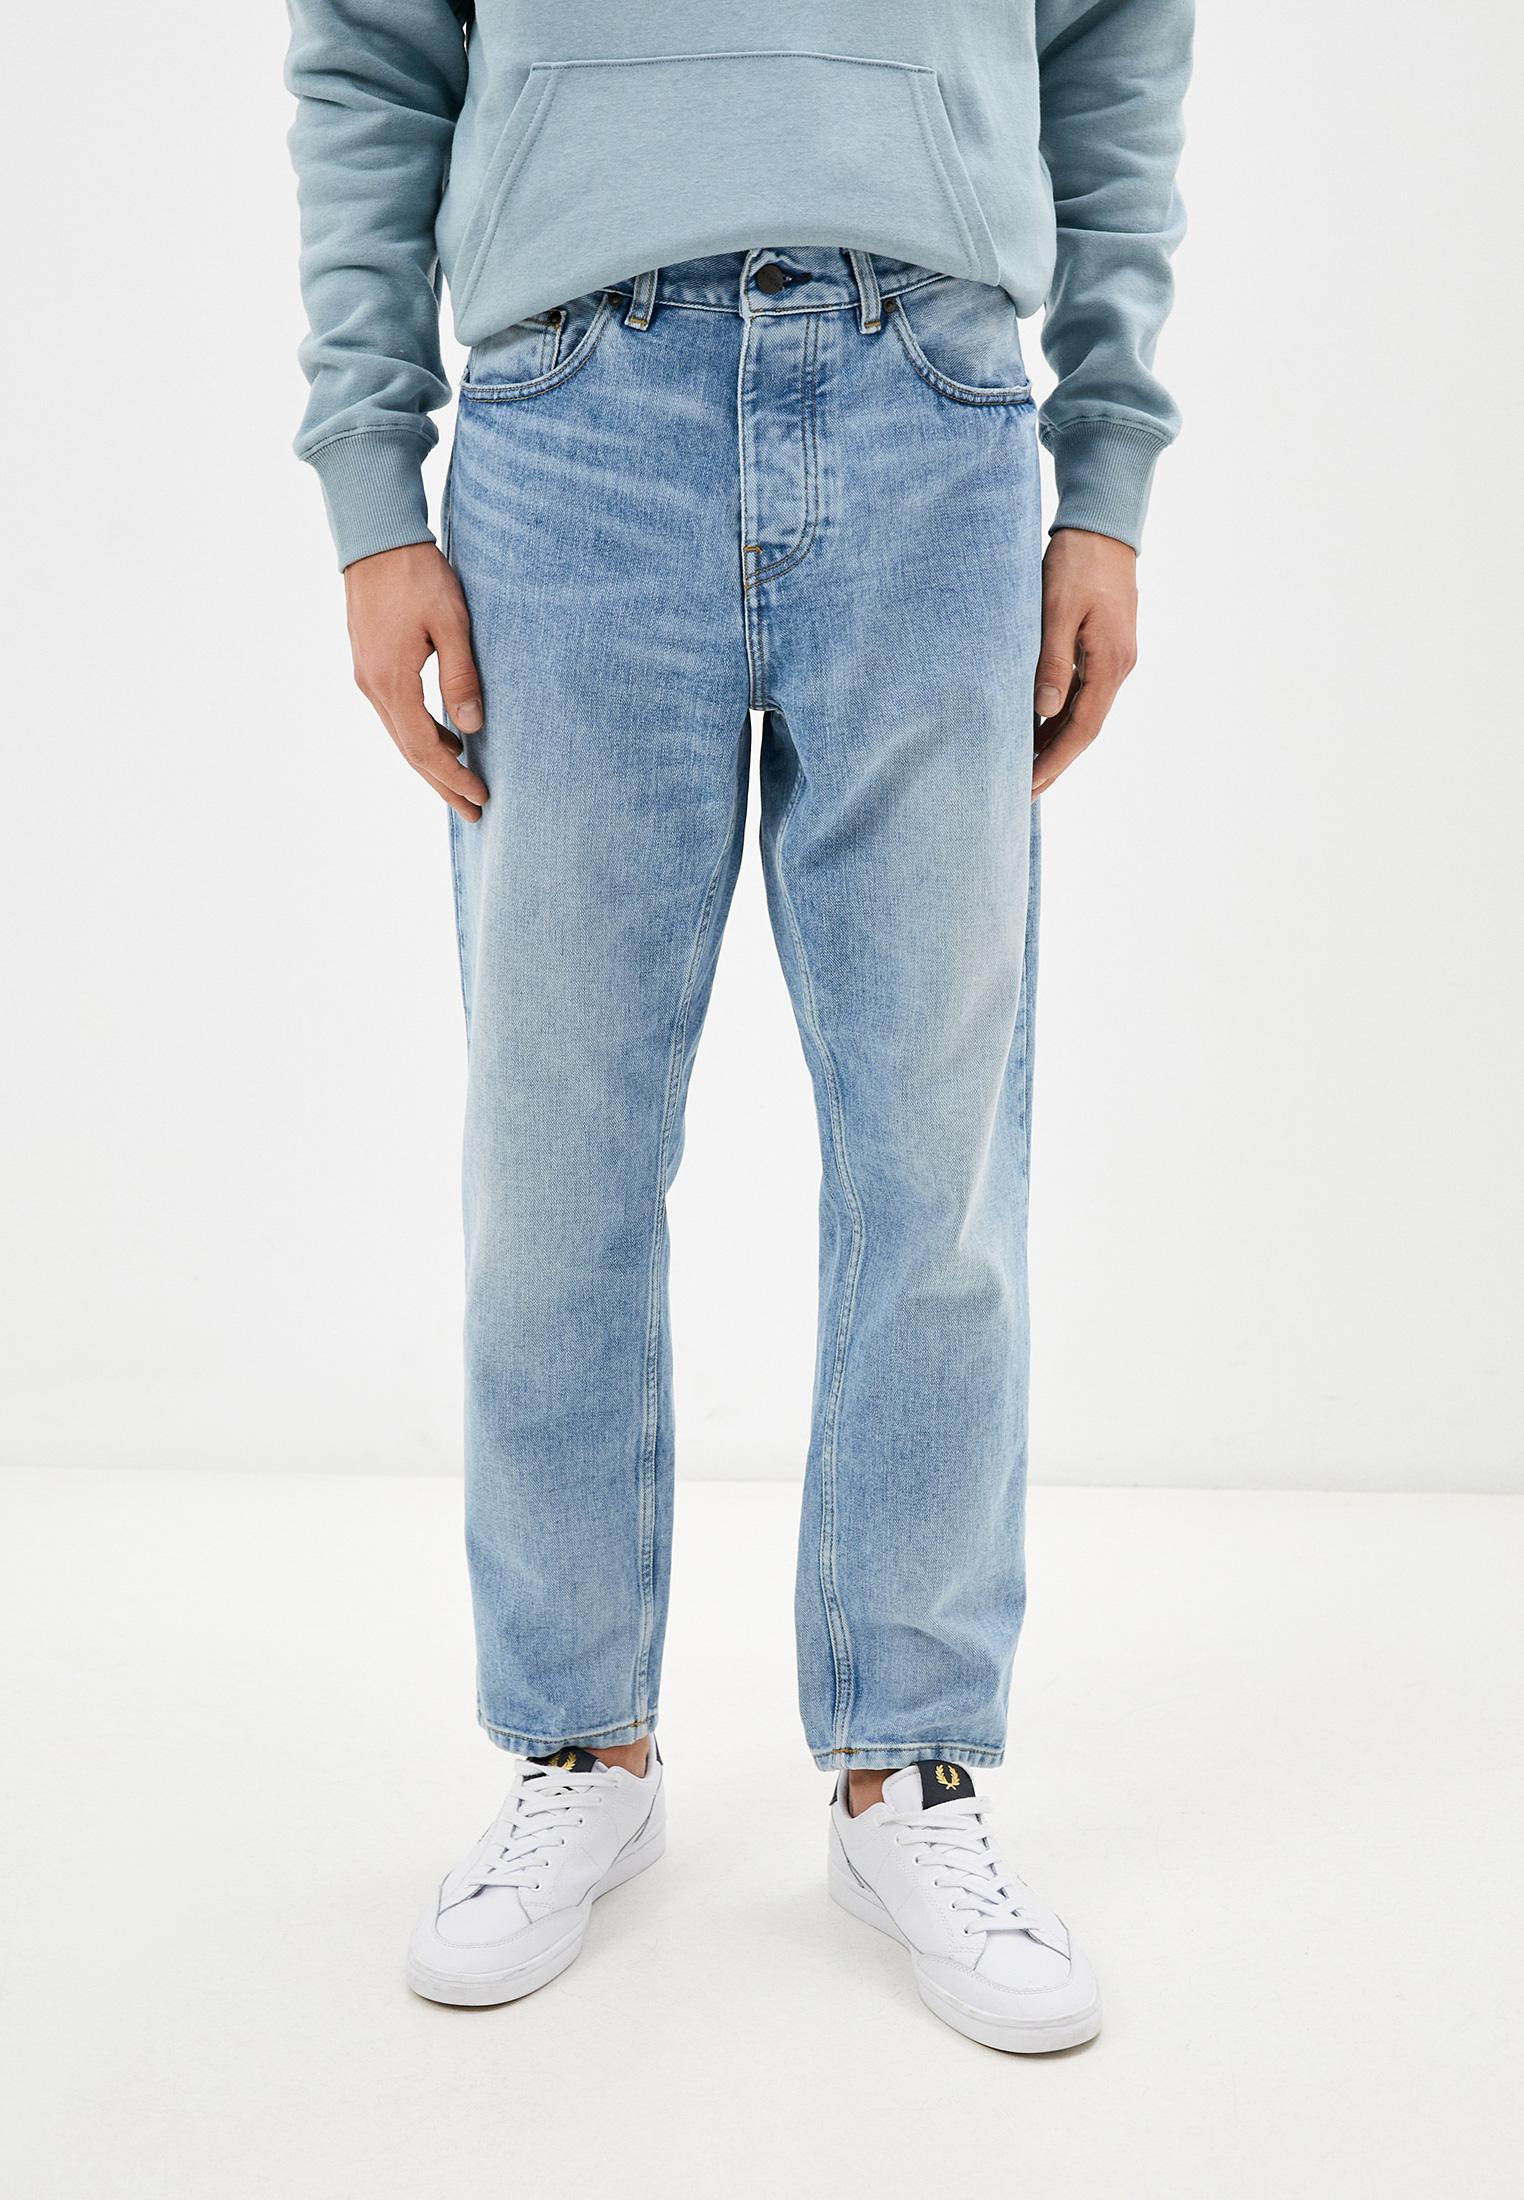 Мужские прямые джинсы Carhartt WIP Джинсы Carhartt WIP